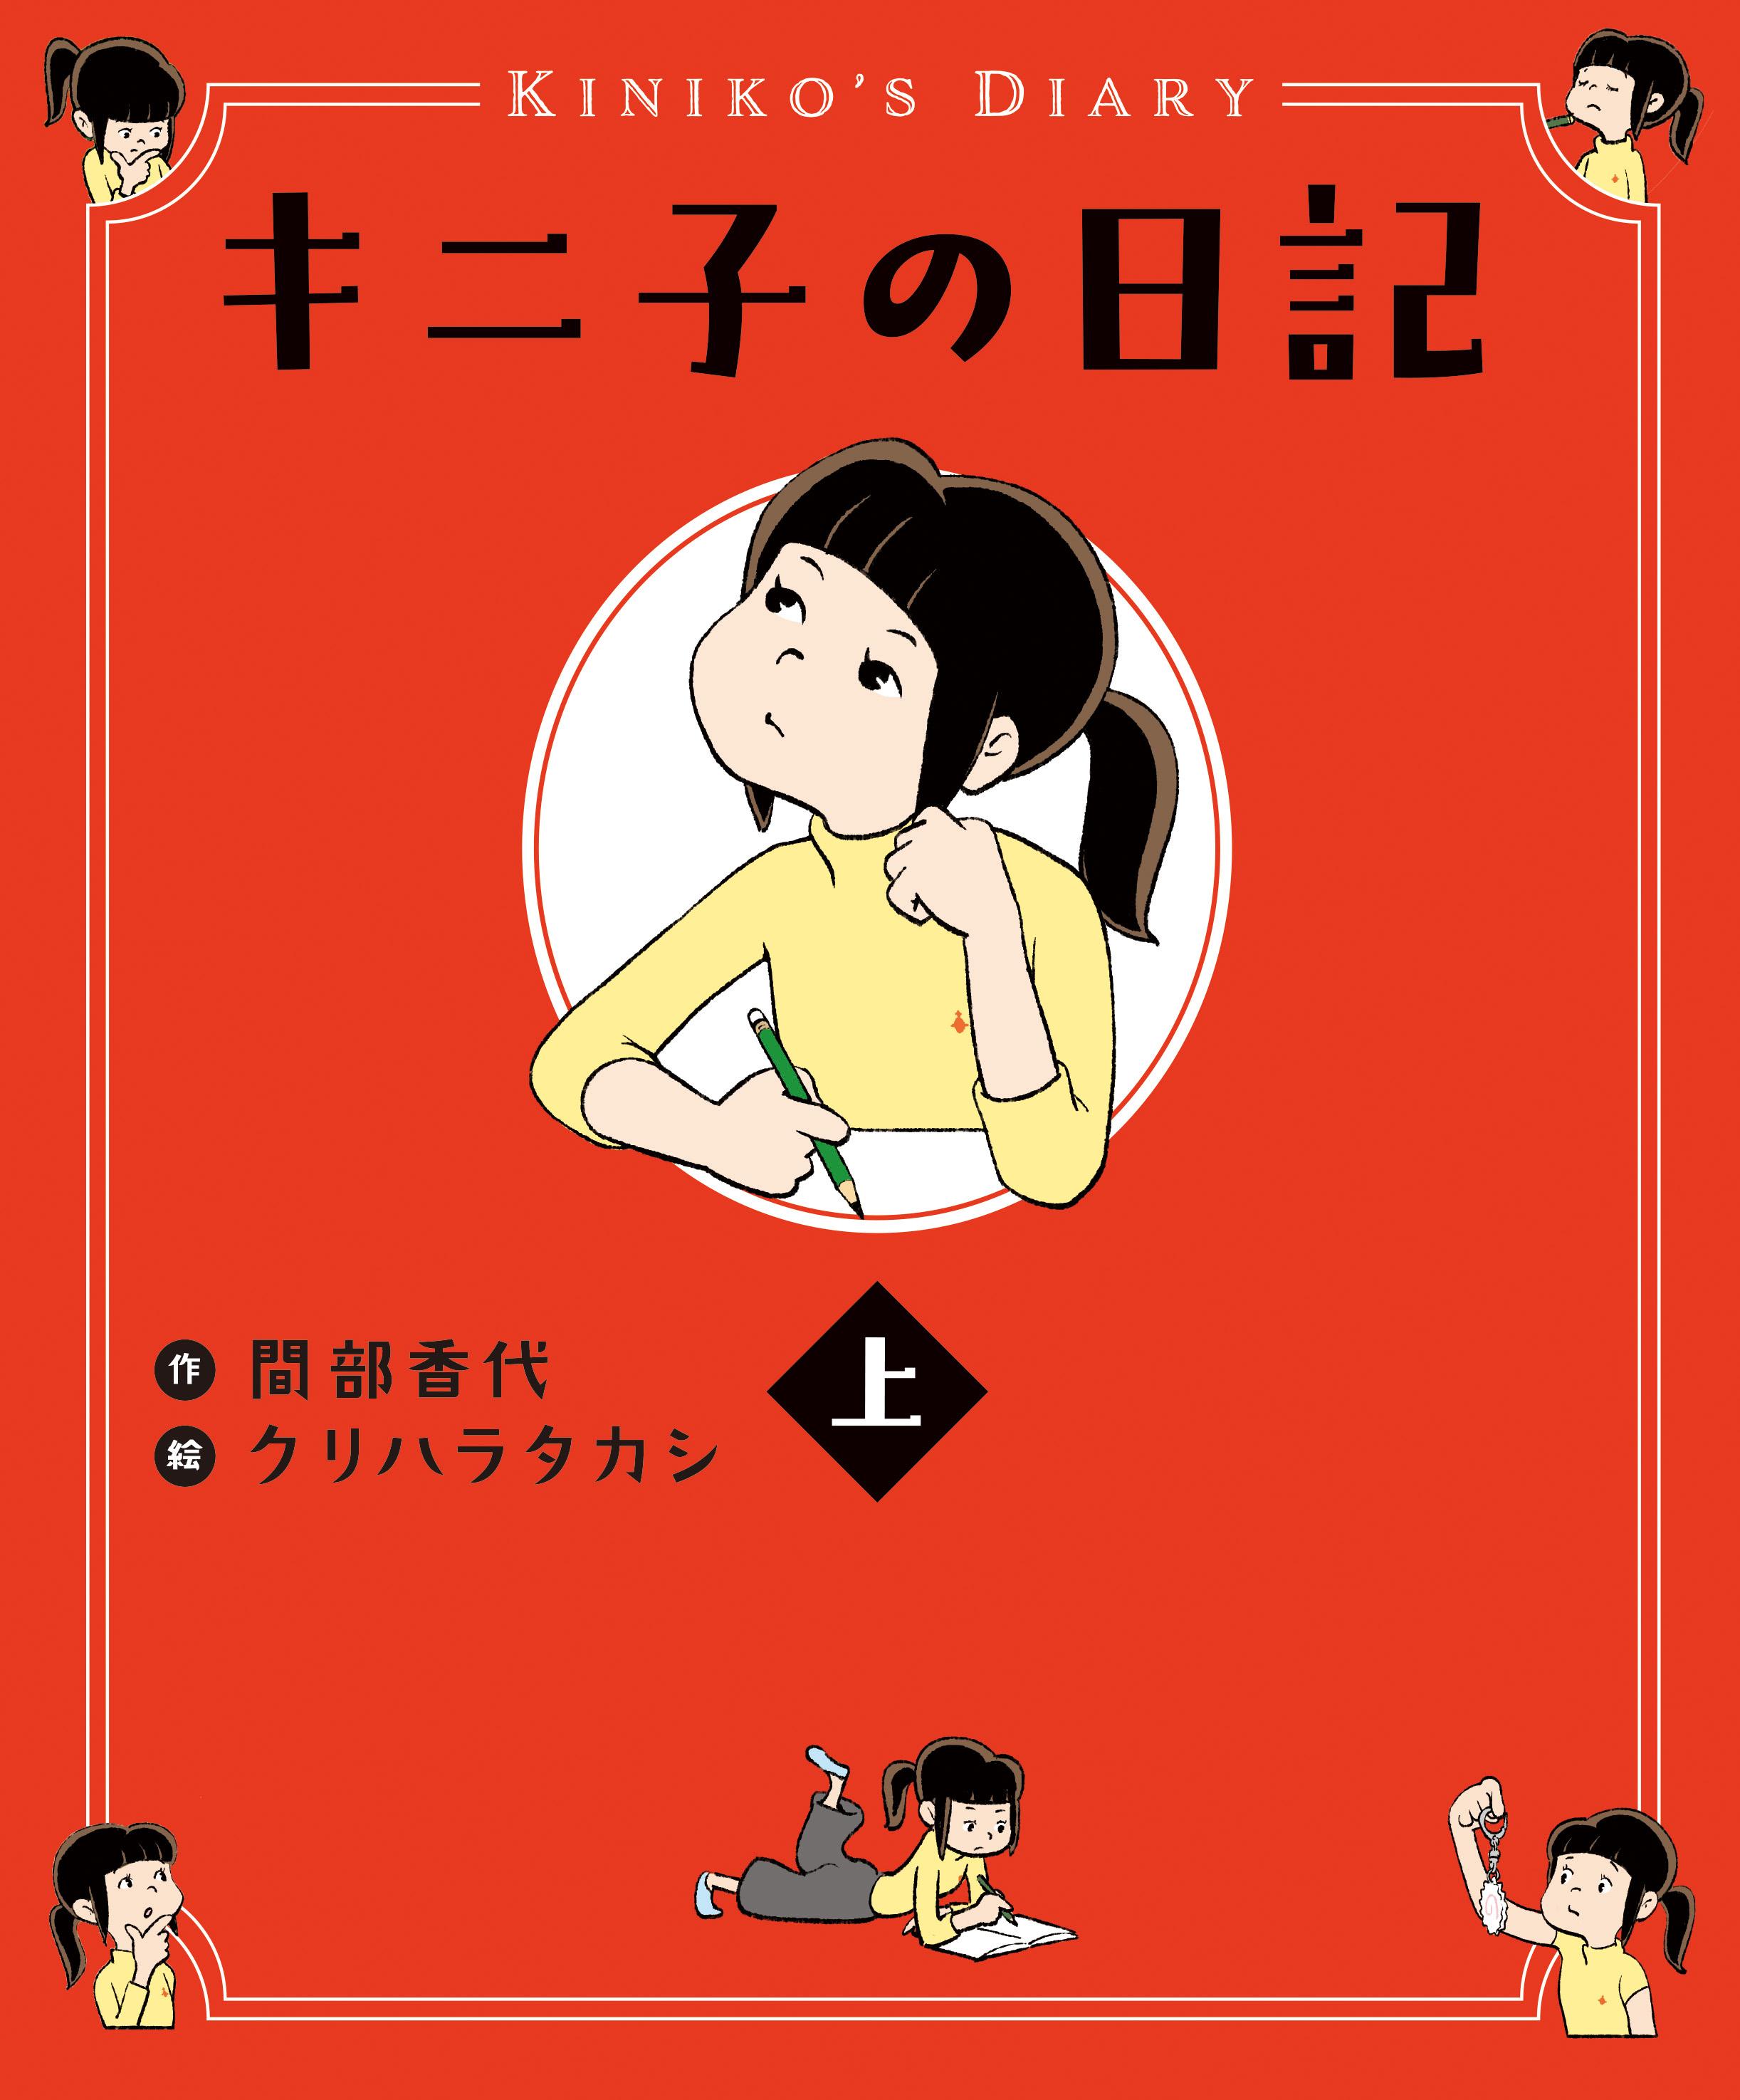 キニ子の日記(上)